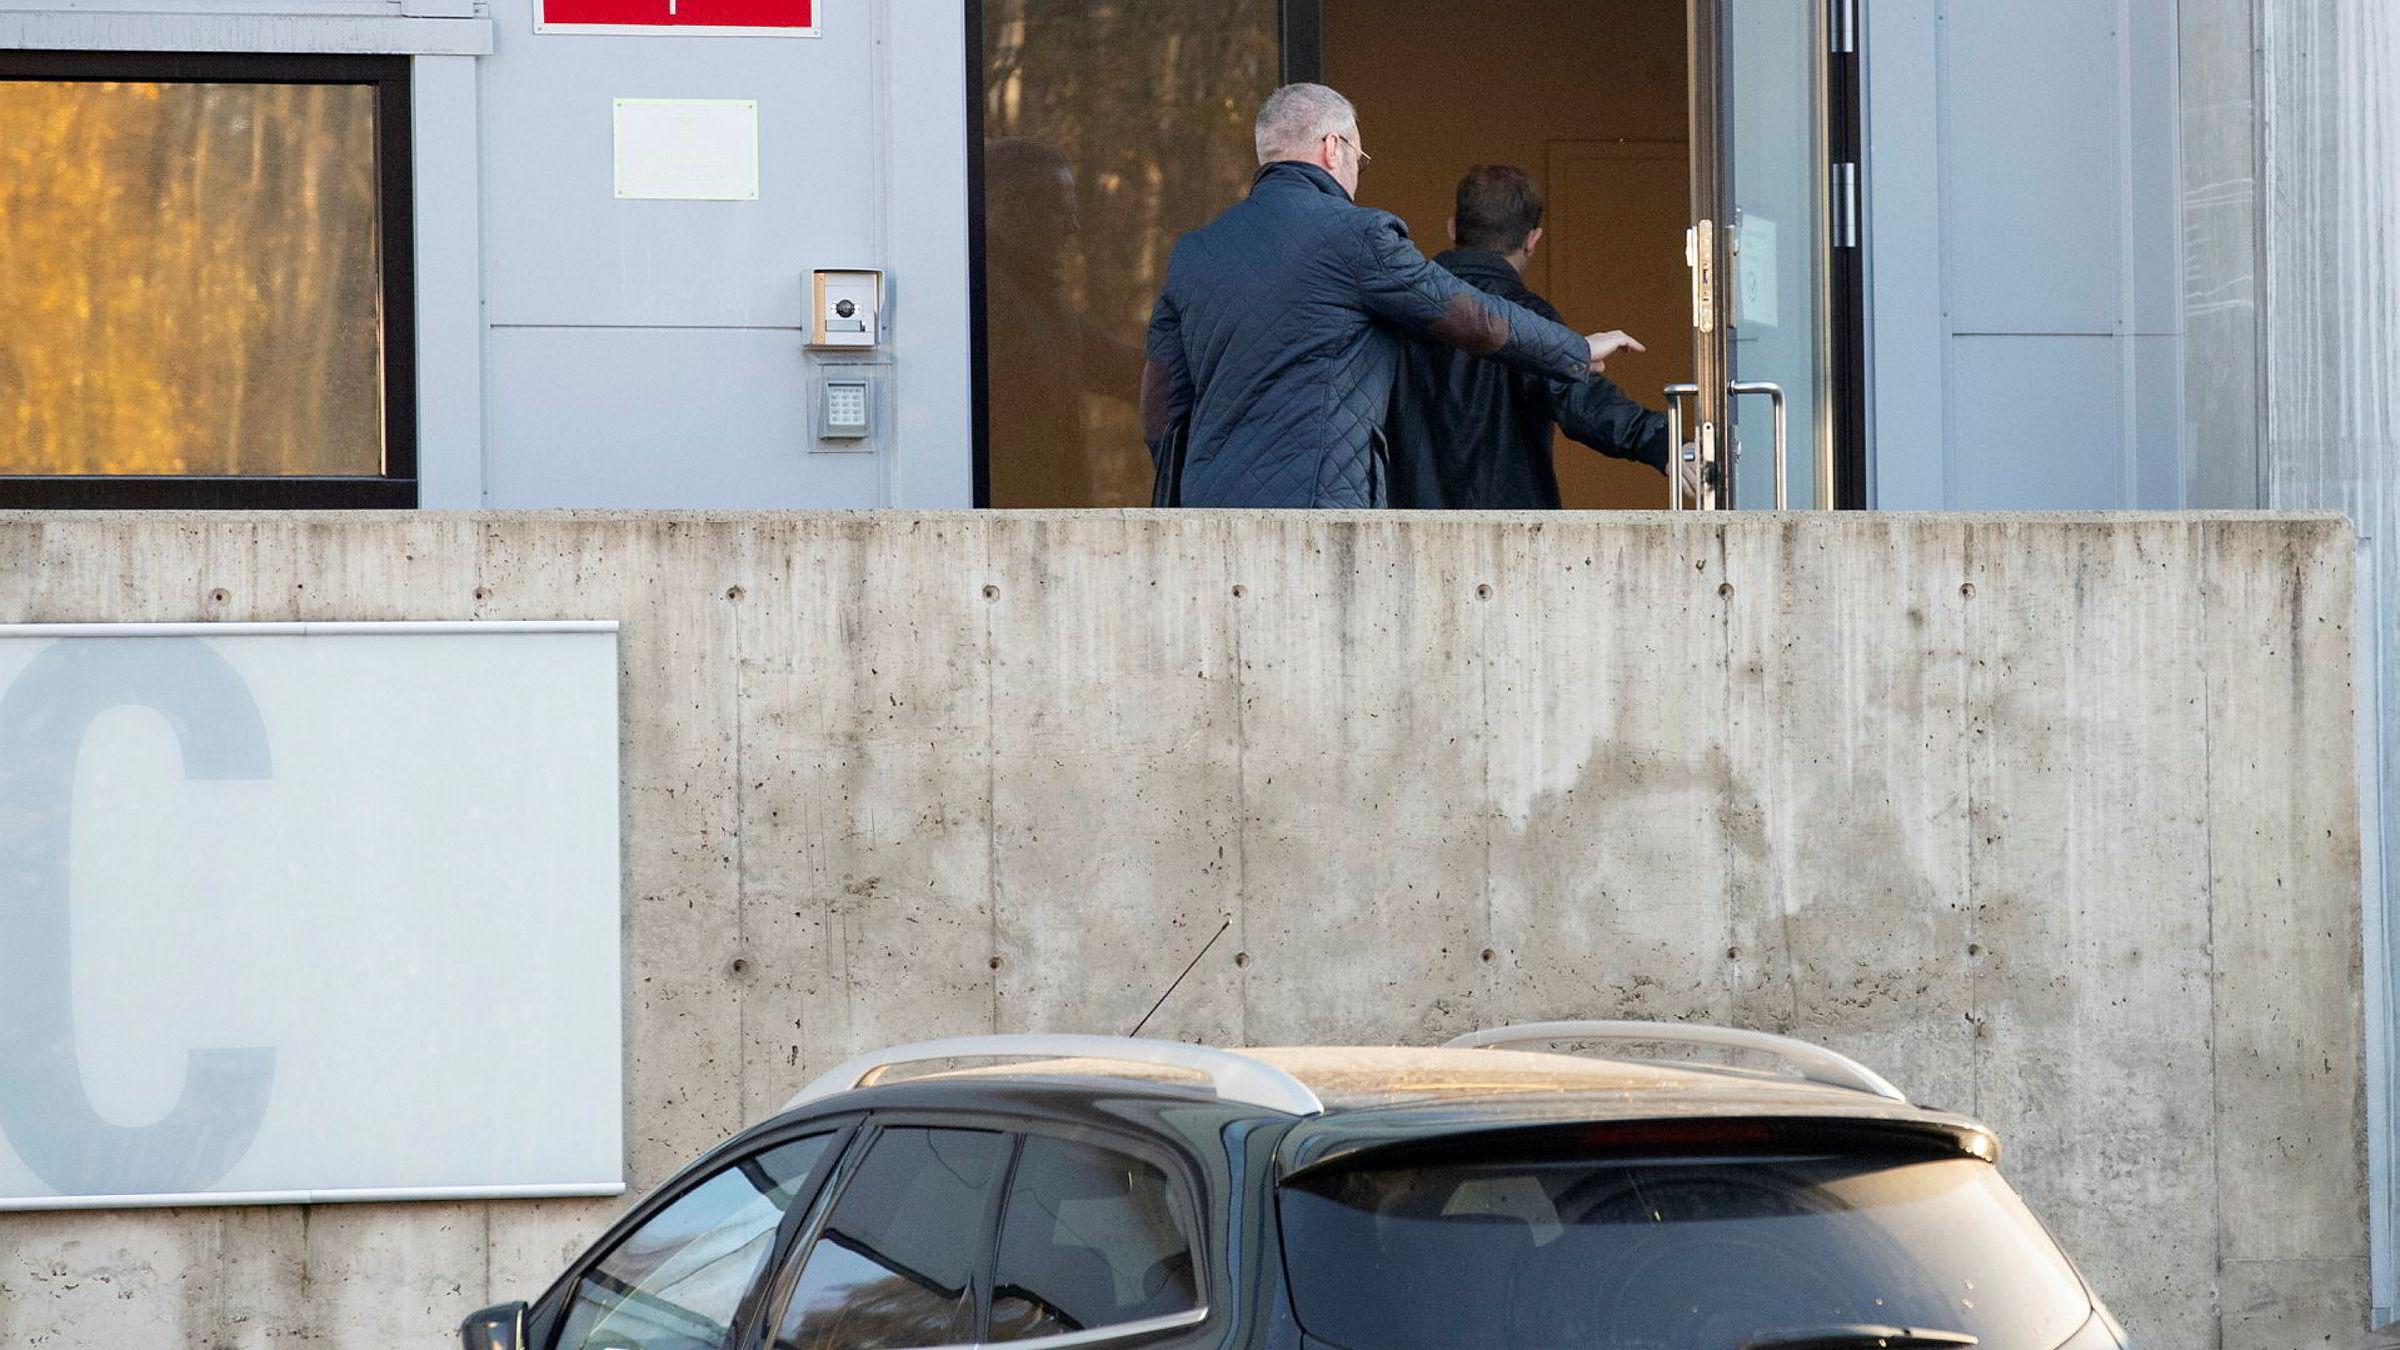 Fredag 25. oktober aksjonerte kemneren i Oslo mot DHL-lageret på Kalbakken, på jakt etter verdier som kan knyttes til den omstridte kunsthandleren Tor Arne Uppstrøm.